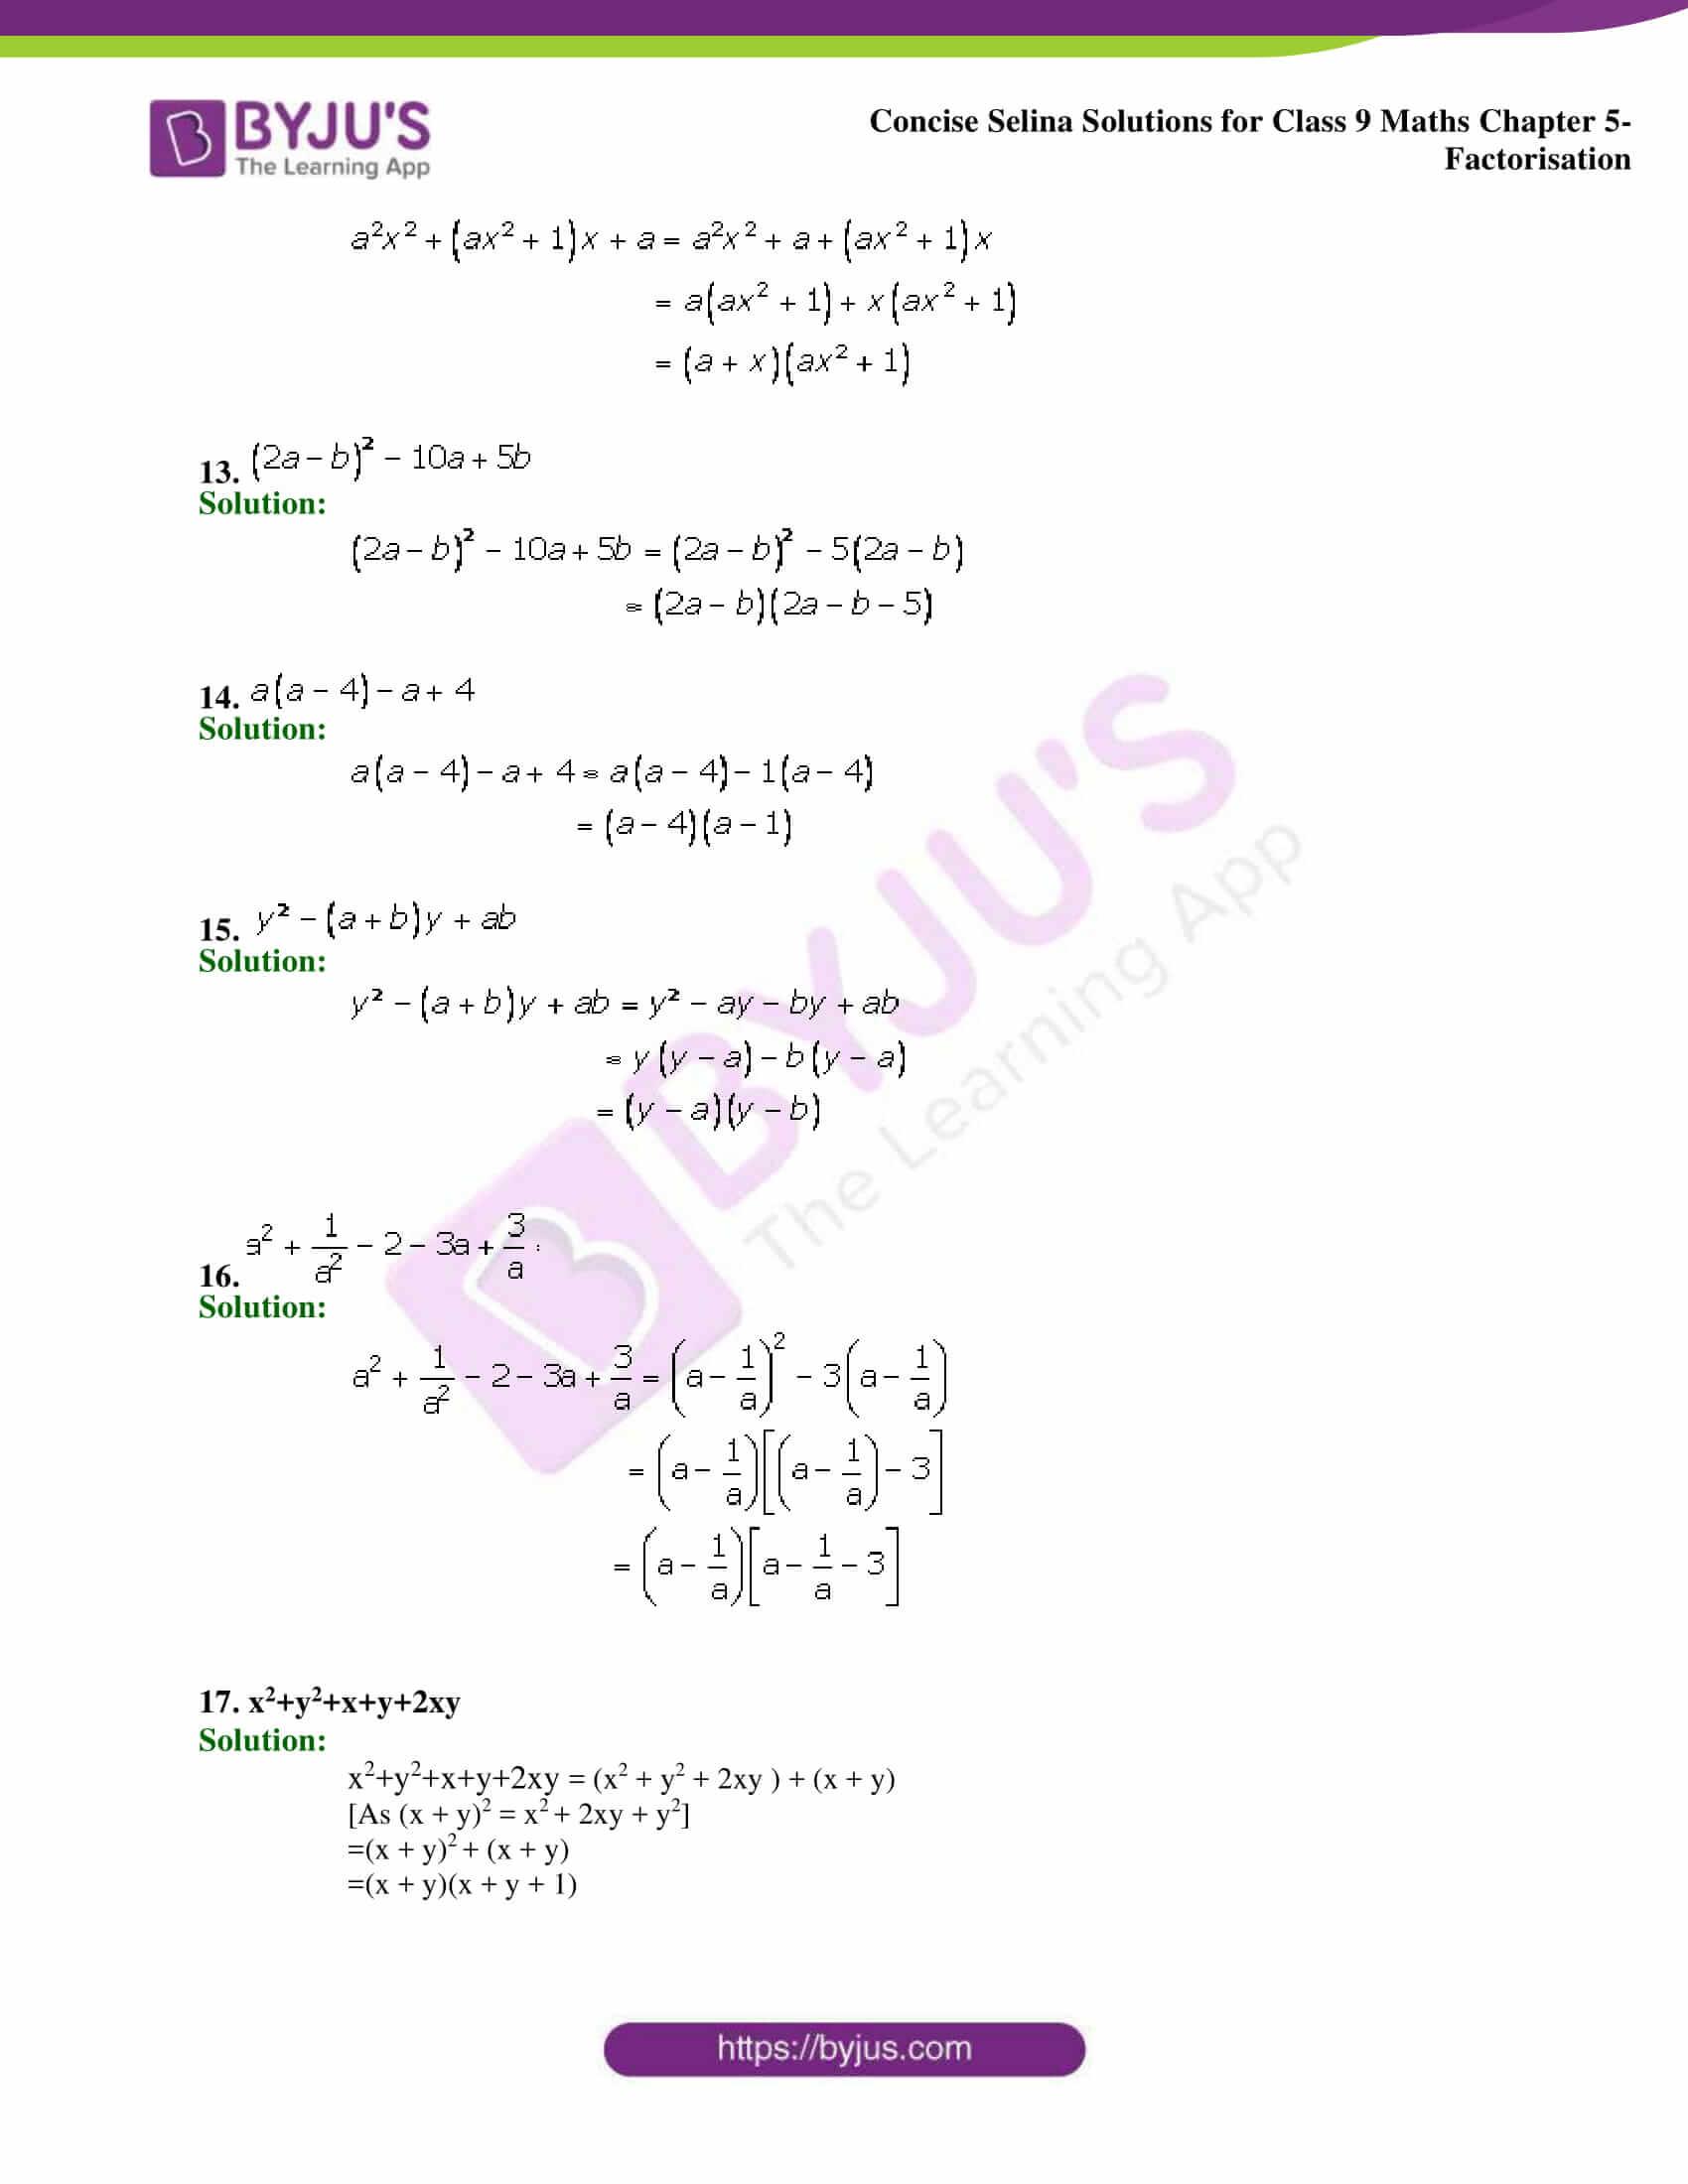 Selina Solutions Class 9 Maths Chapter 5 Factorisation part 03